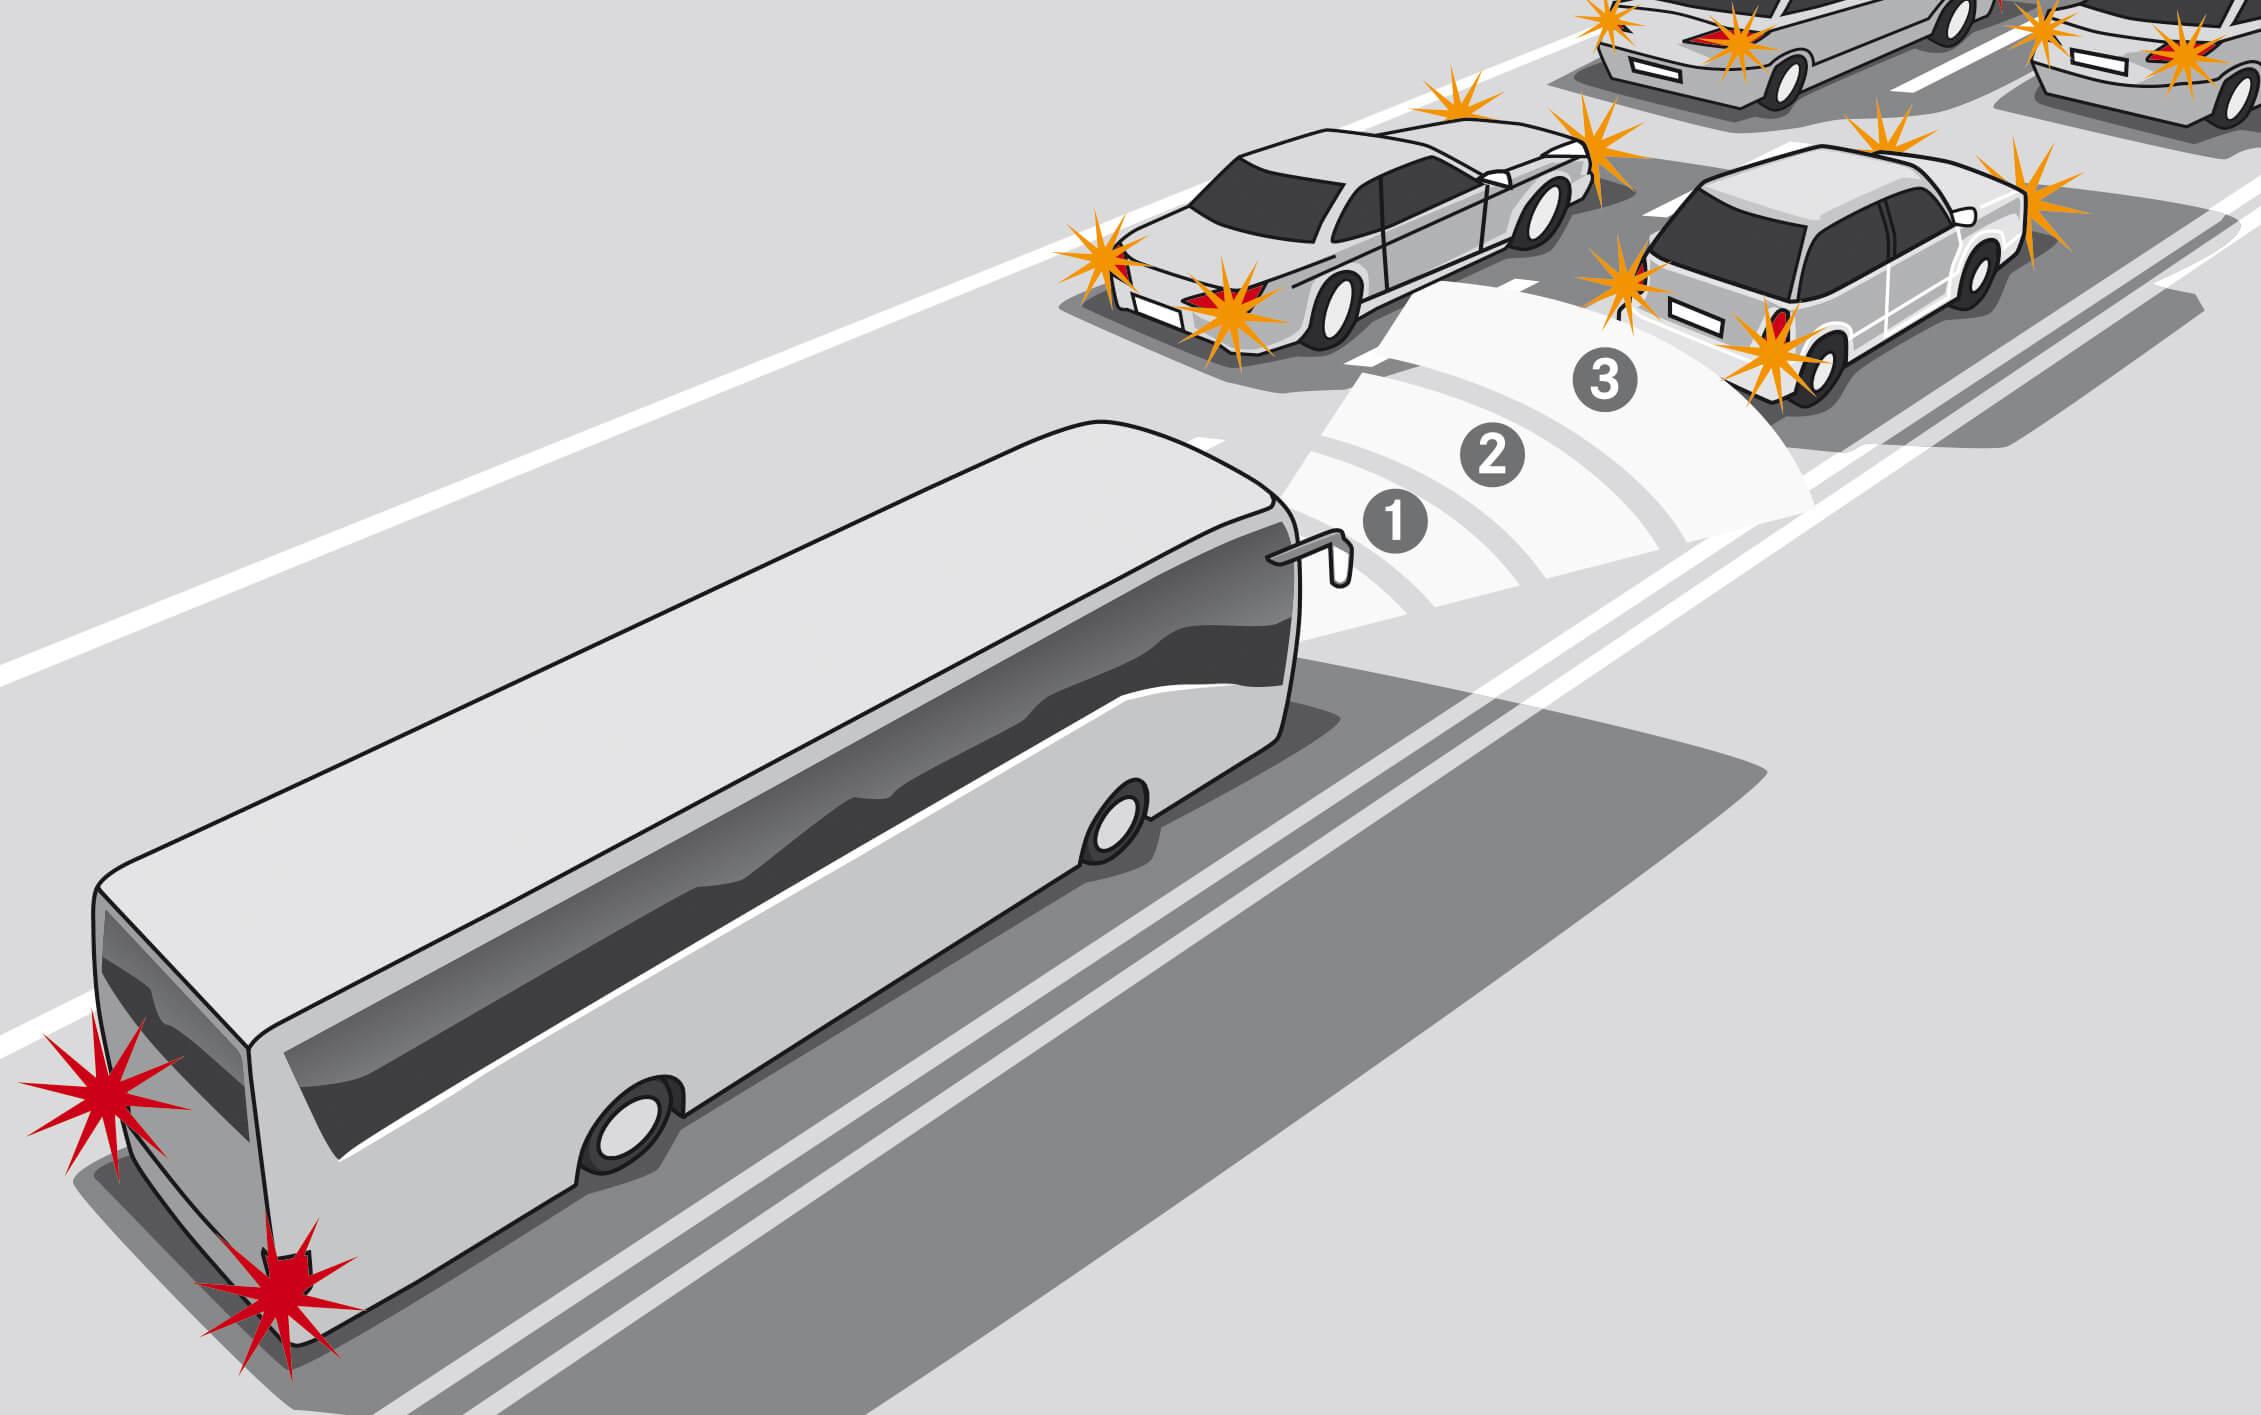 Active Brake Assist - testet radargesteuert die Fahrspur ab und bremst bei Gefahr den Bus automatisch..